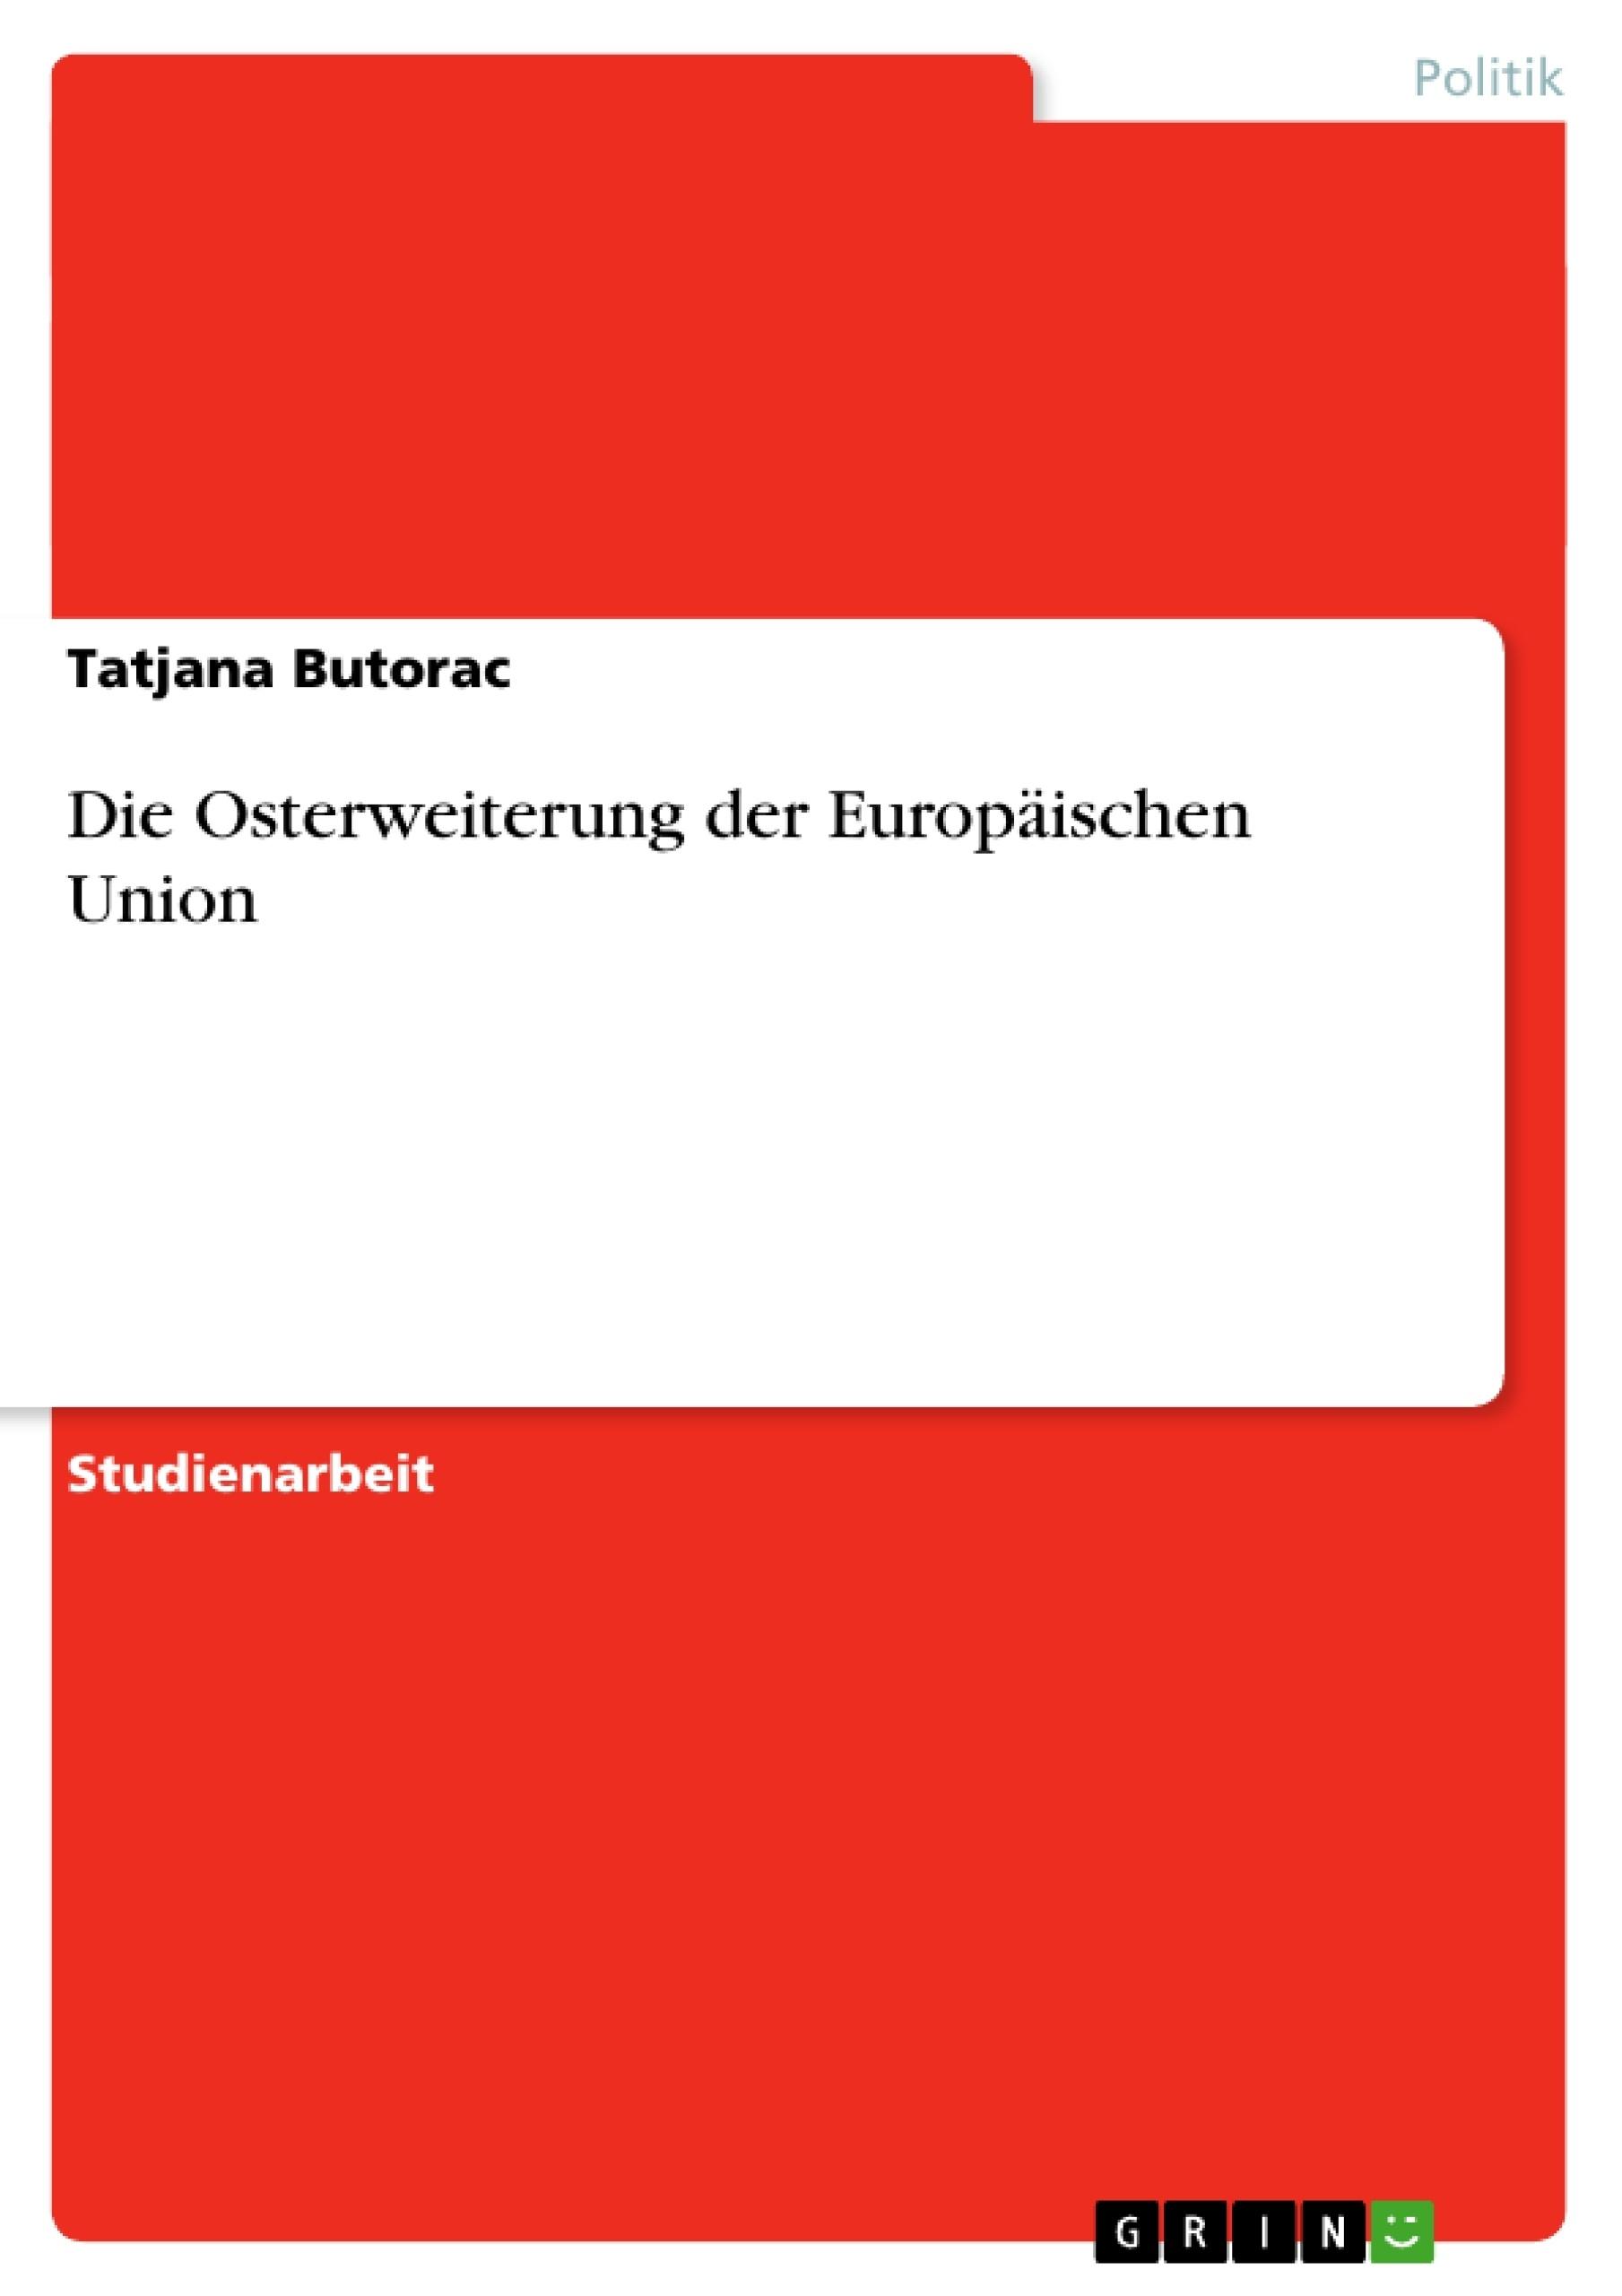 Titel: Die Osterweiterung der Europäischen Union